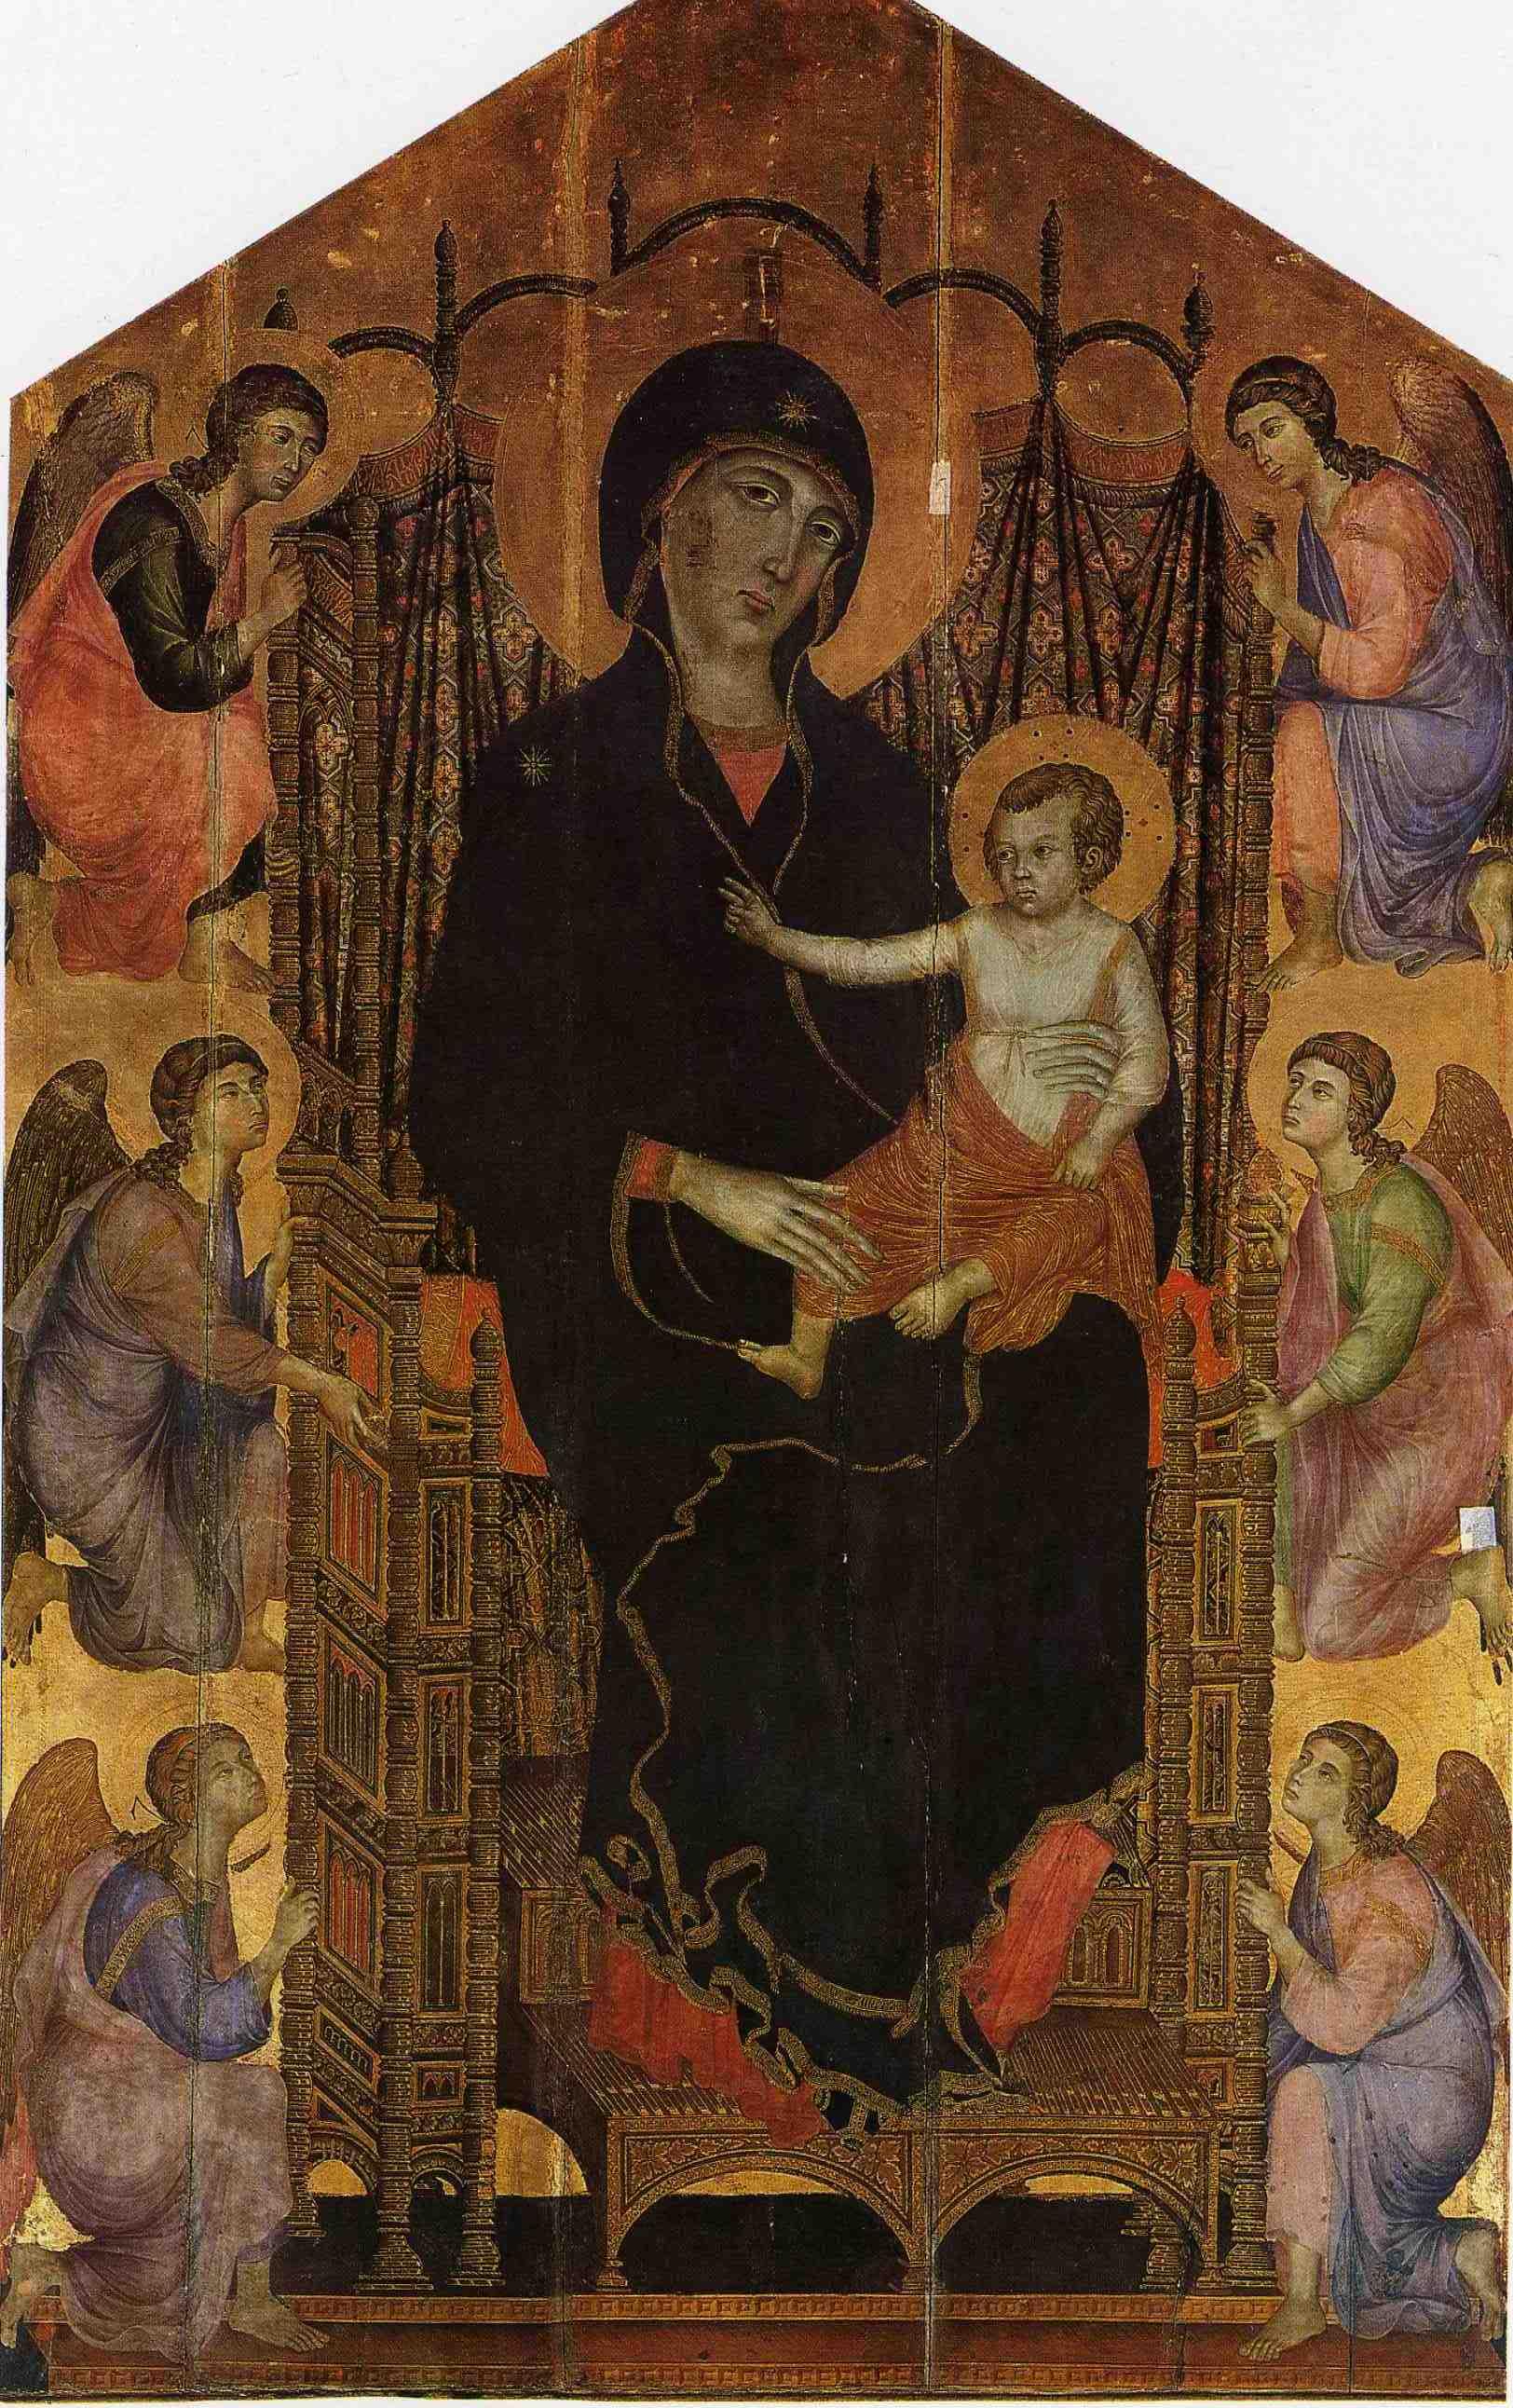 דוצ'יו,מדונה מוכתרת,מדונה רוצ'לאי,1285בקירוב,טמפרה.ךפנל,450X290,אופיצי